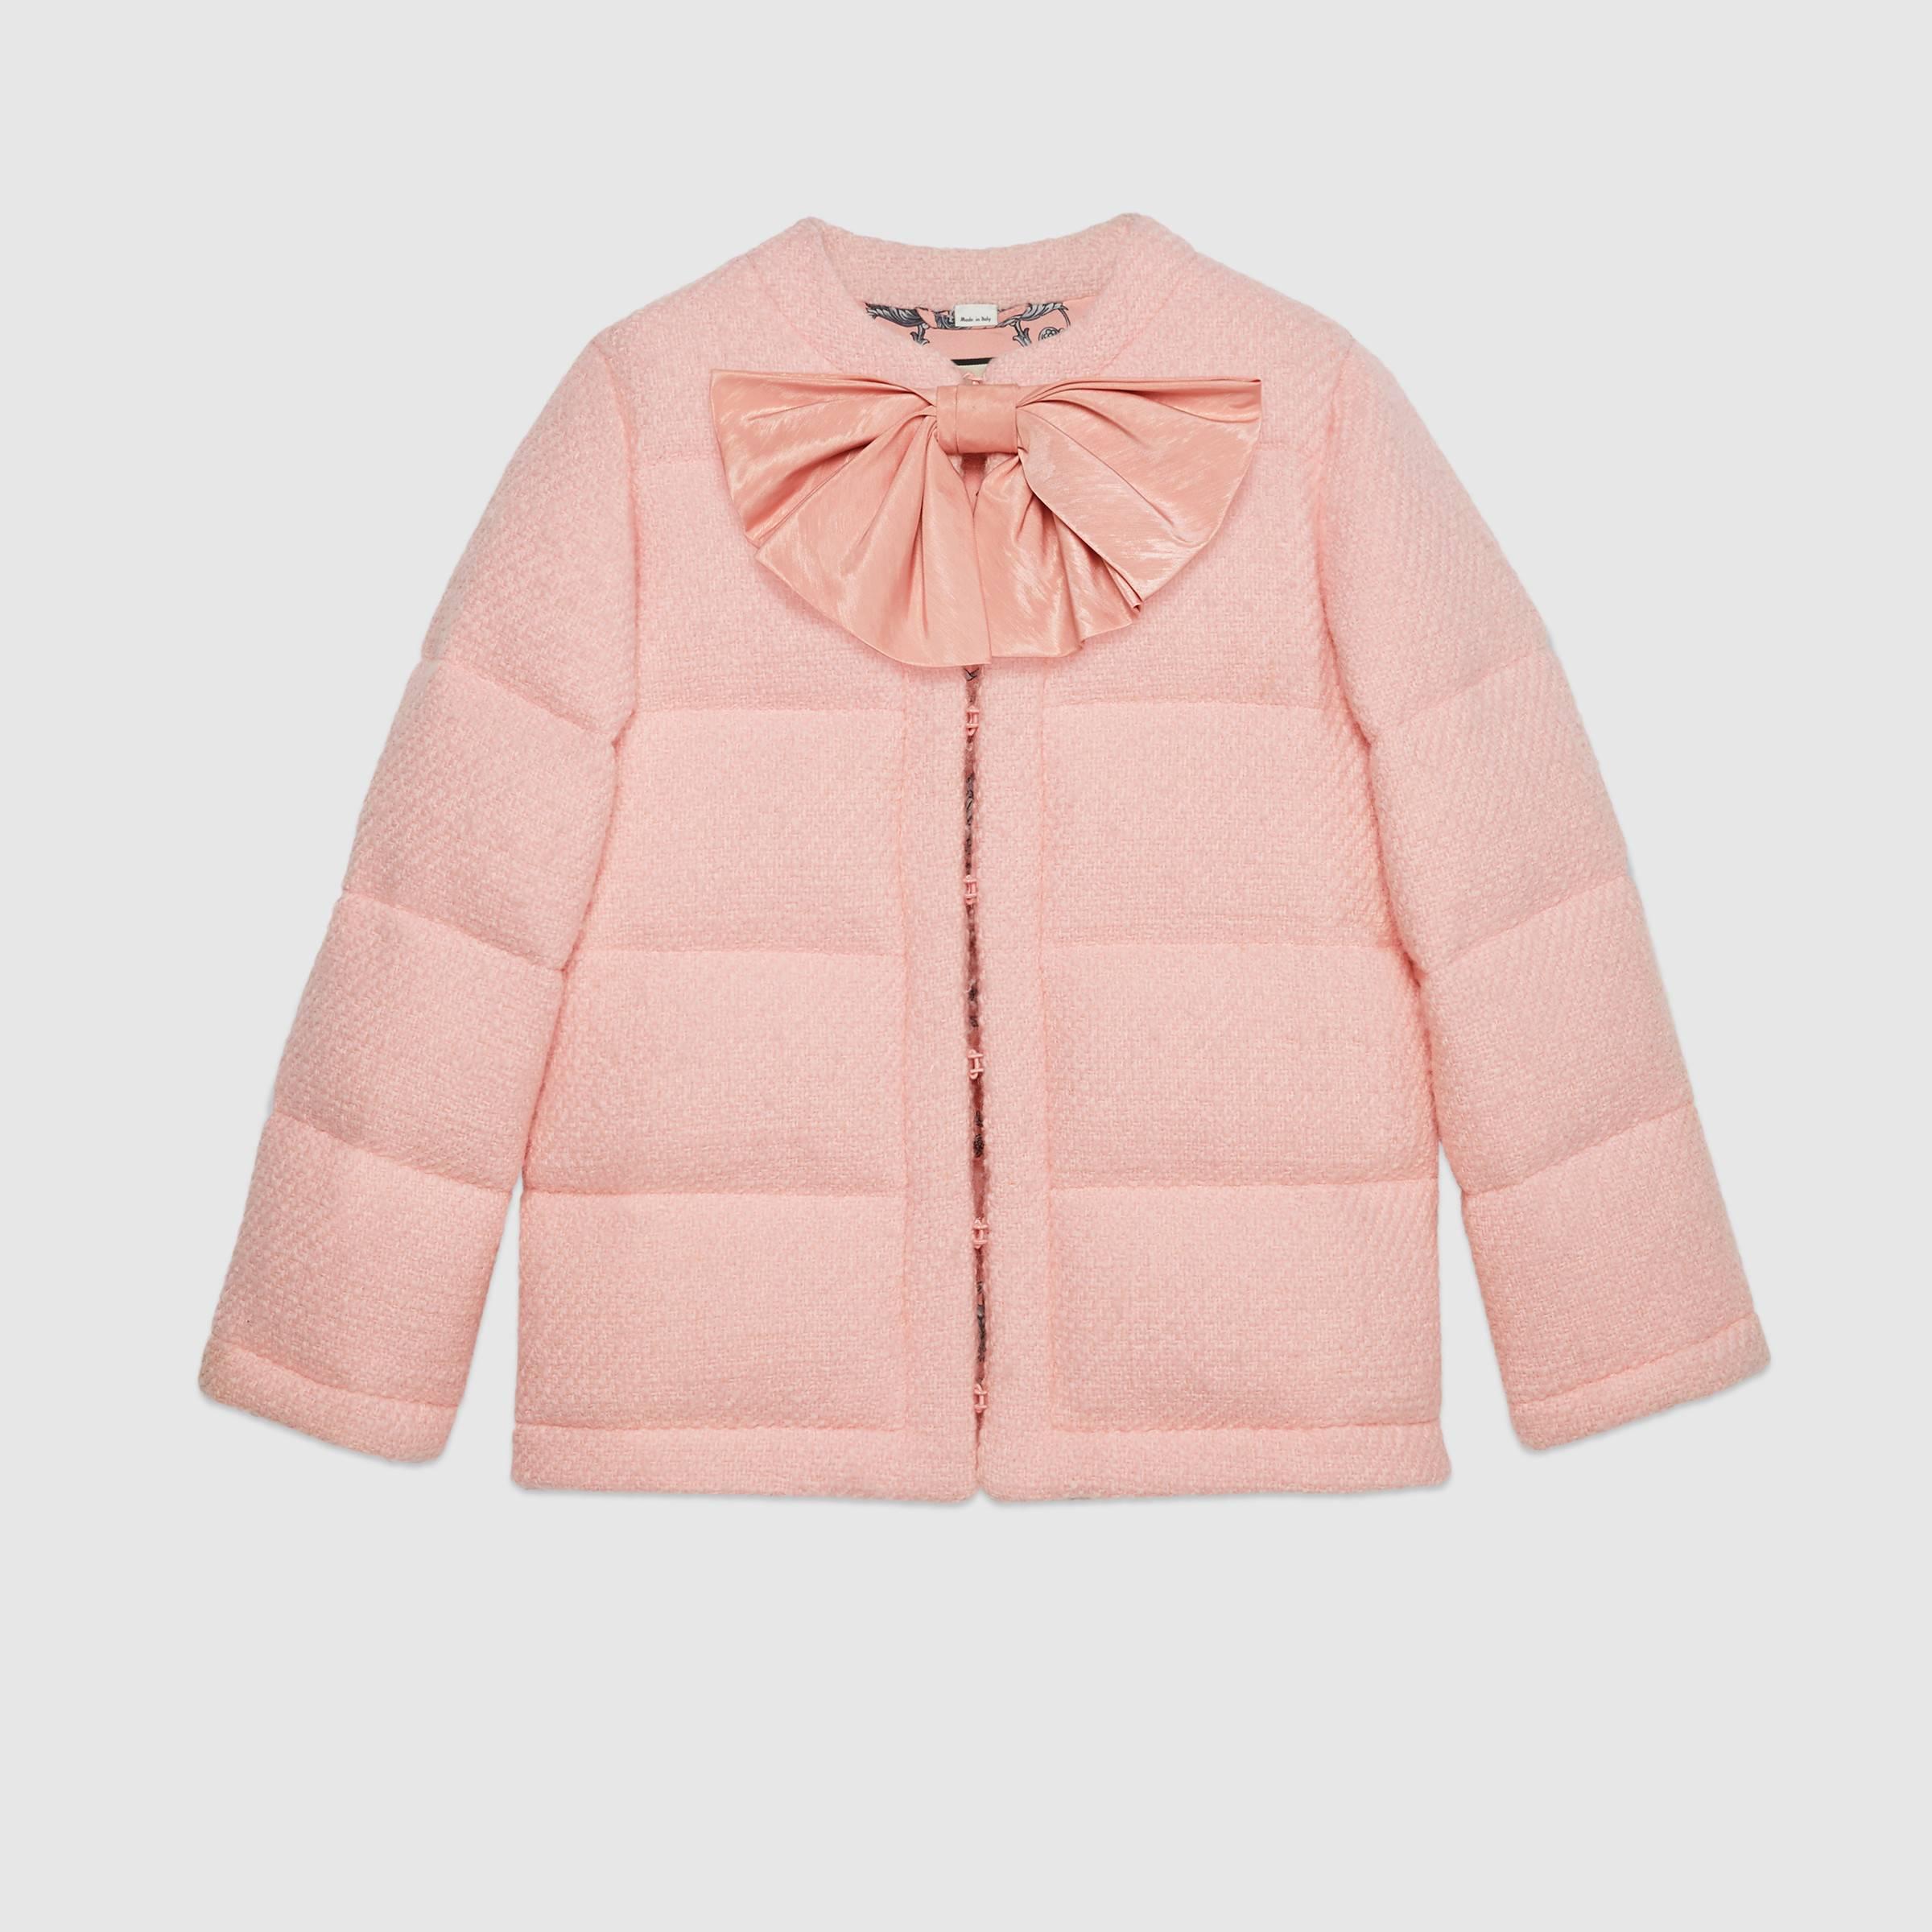 Piumino Gucci in tweed